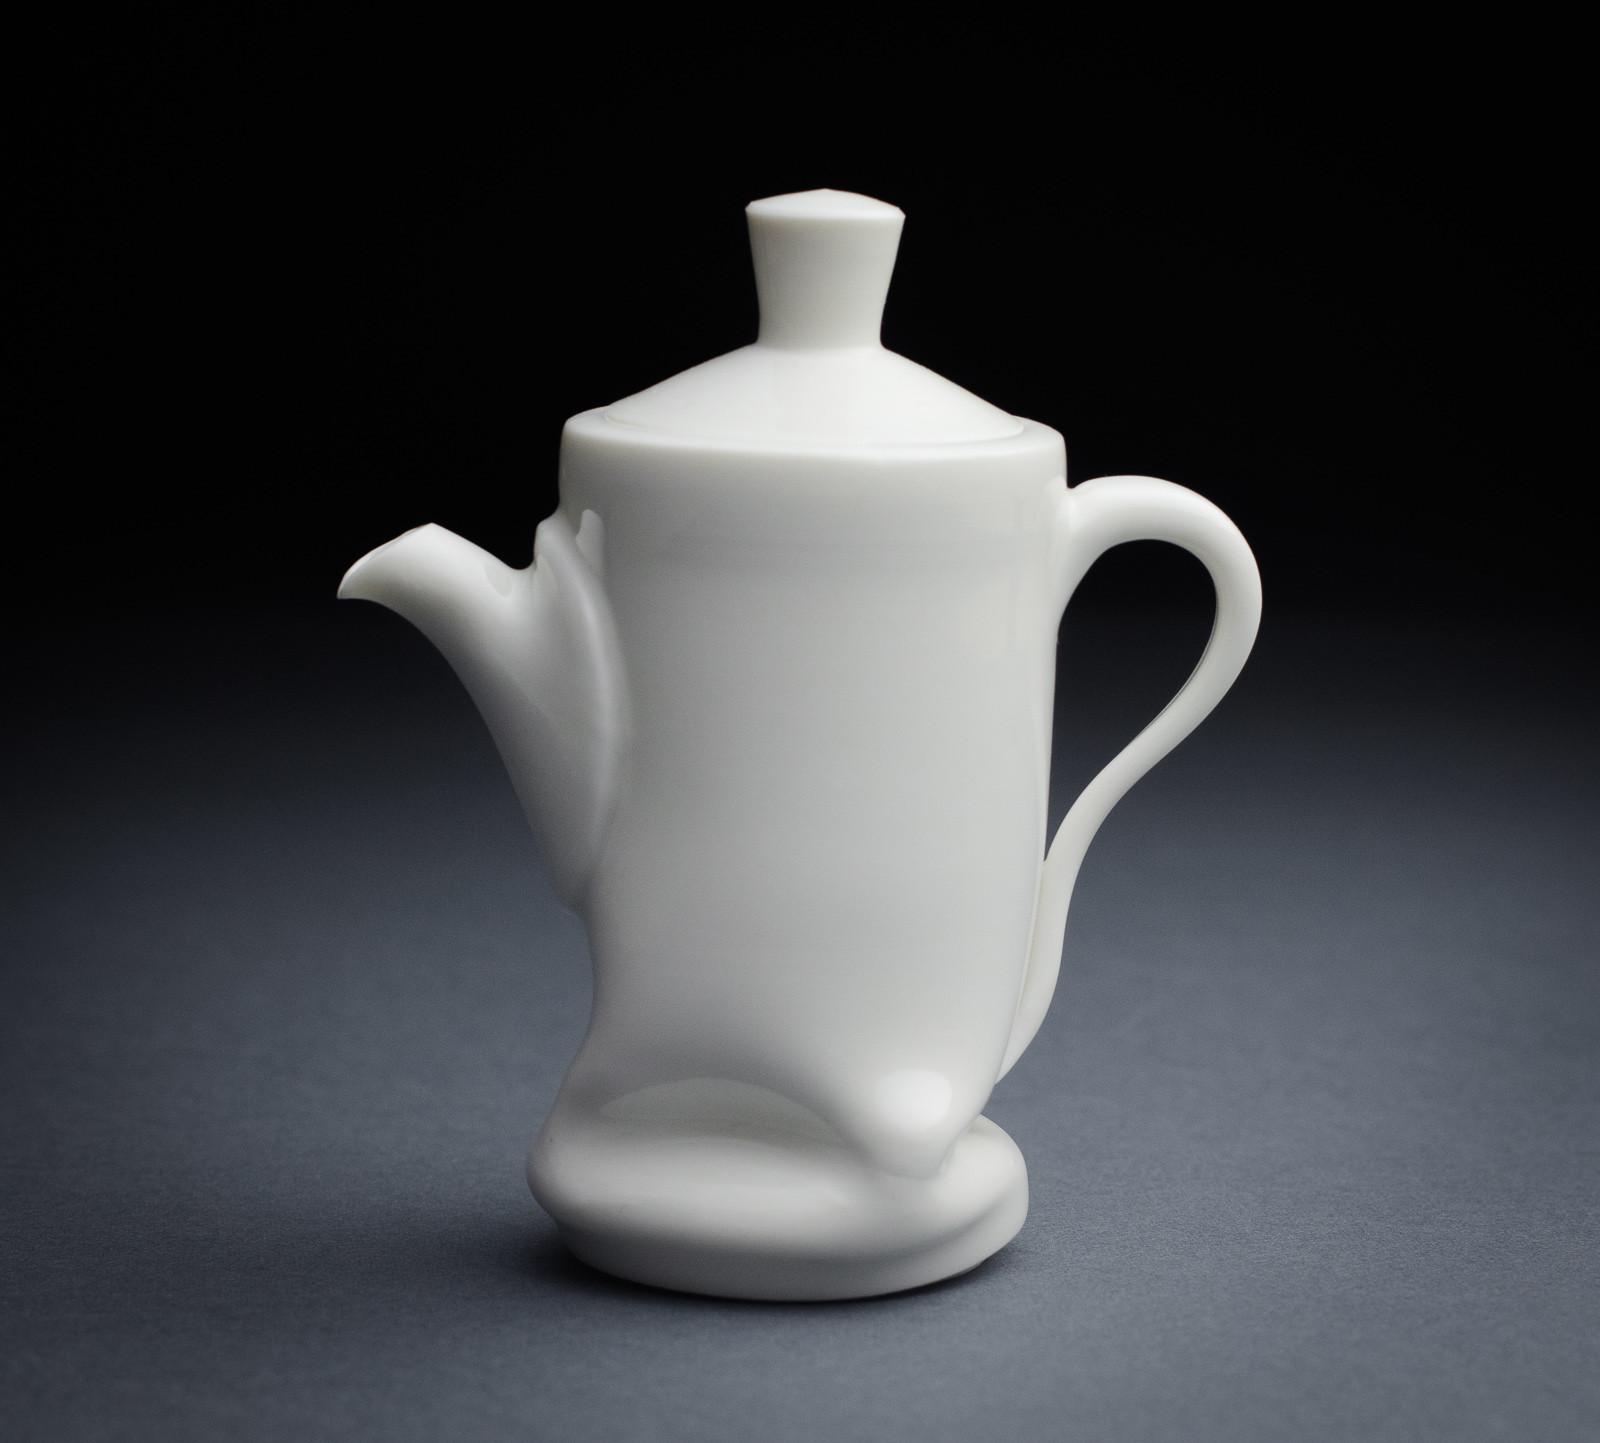 Porcelain teapot 003